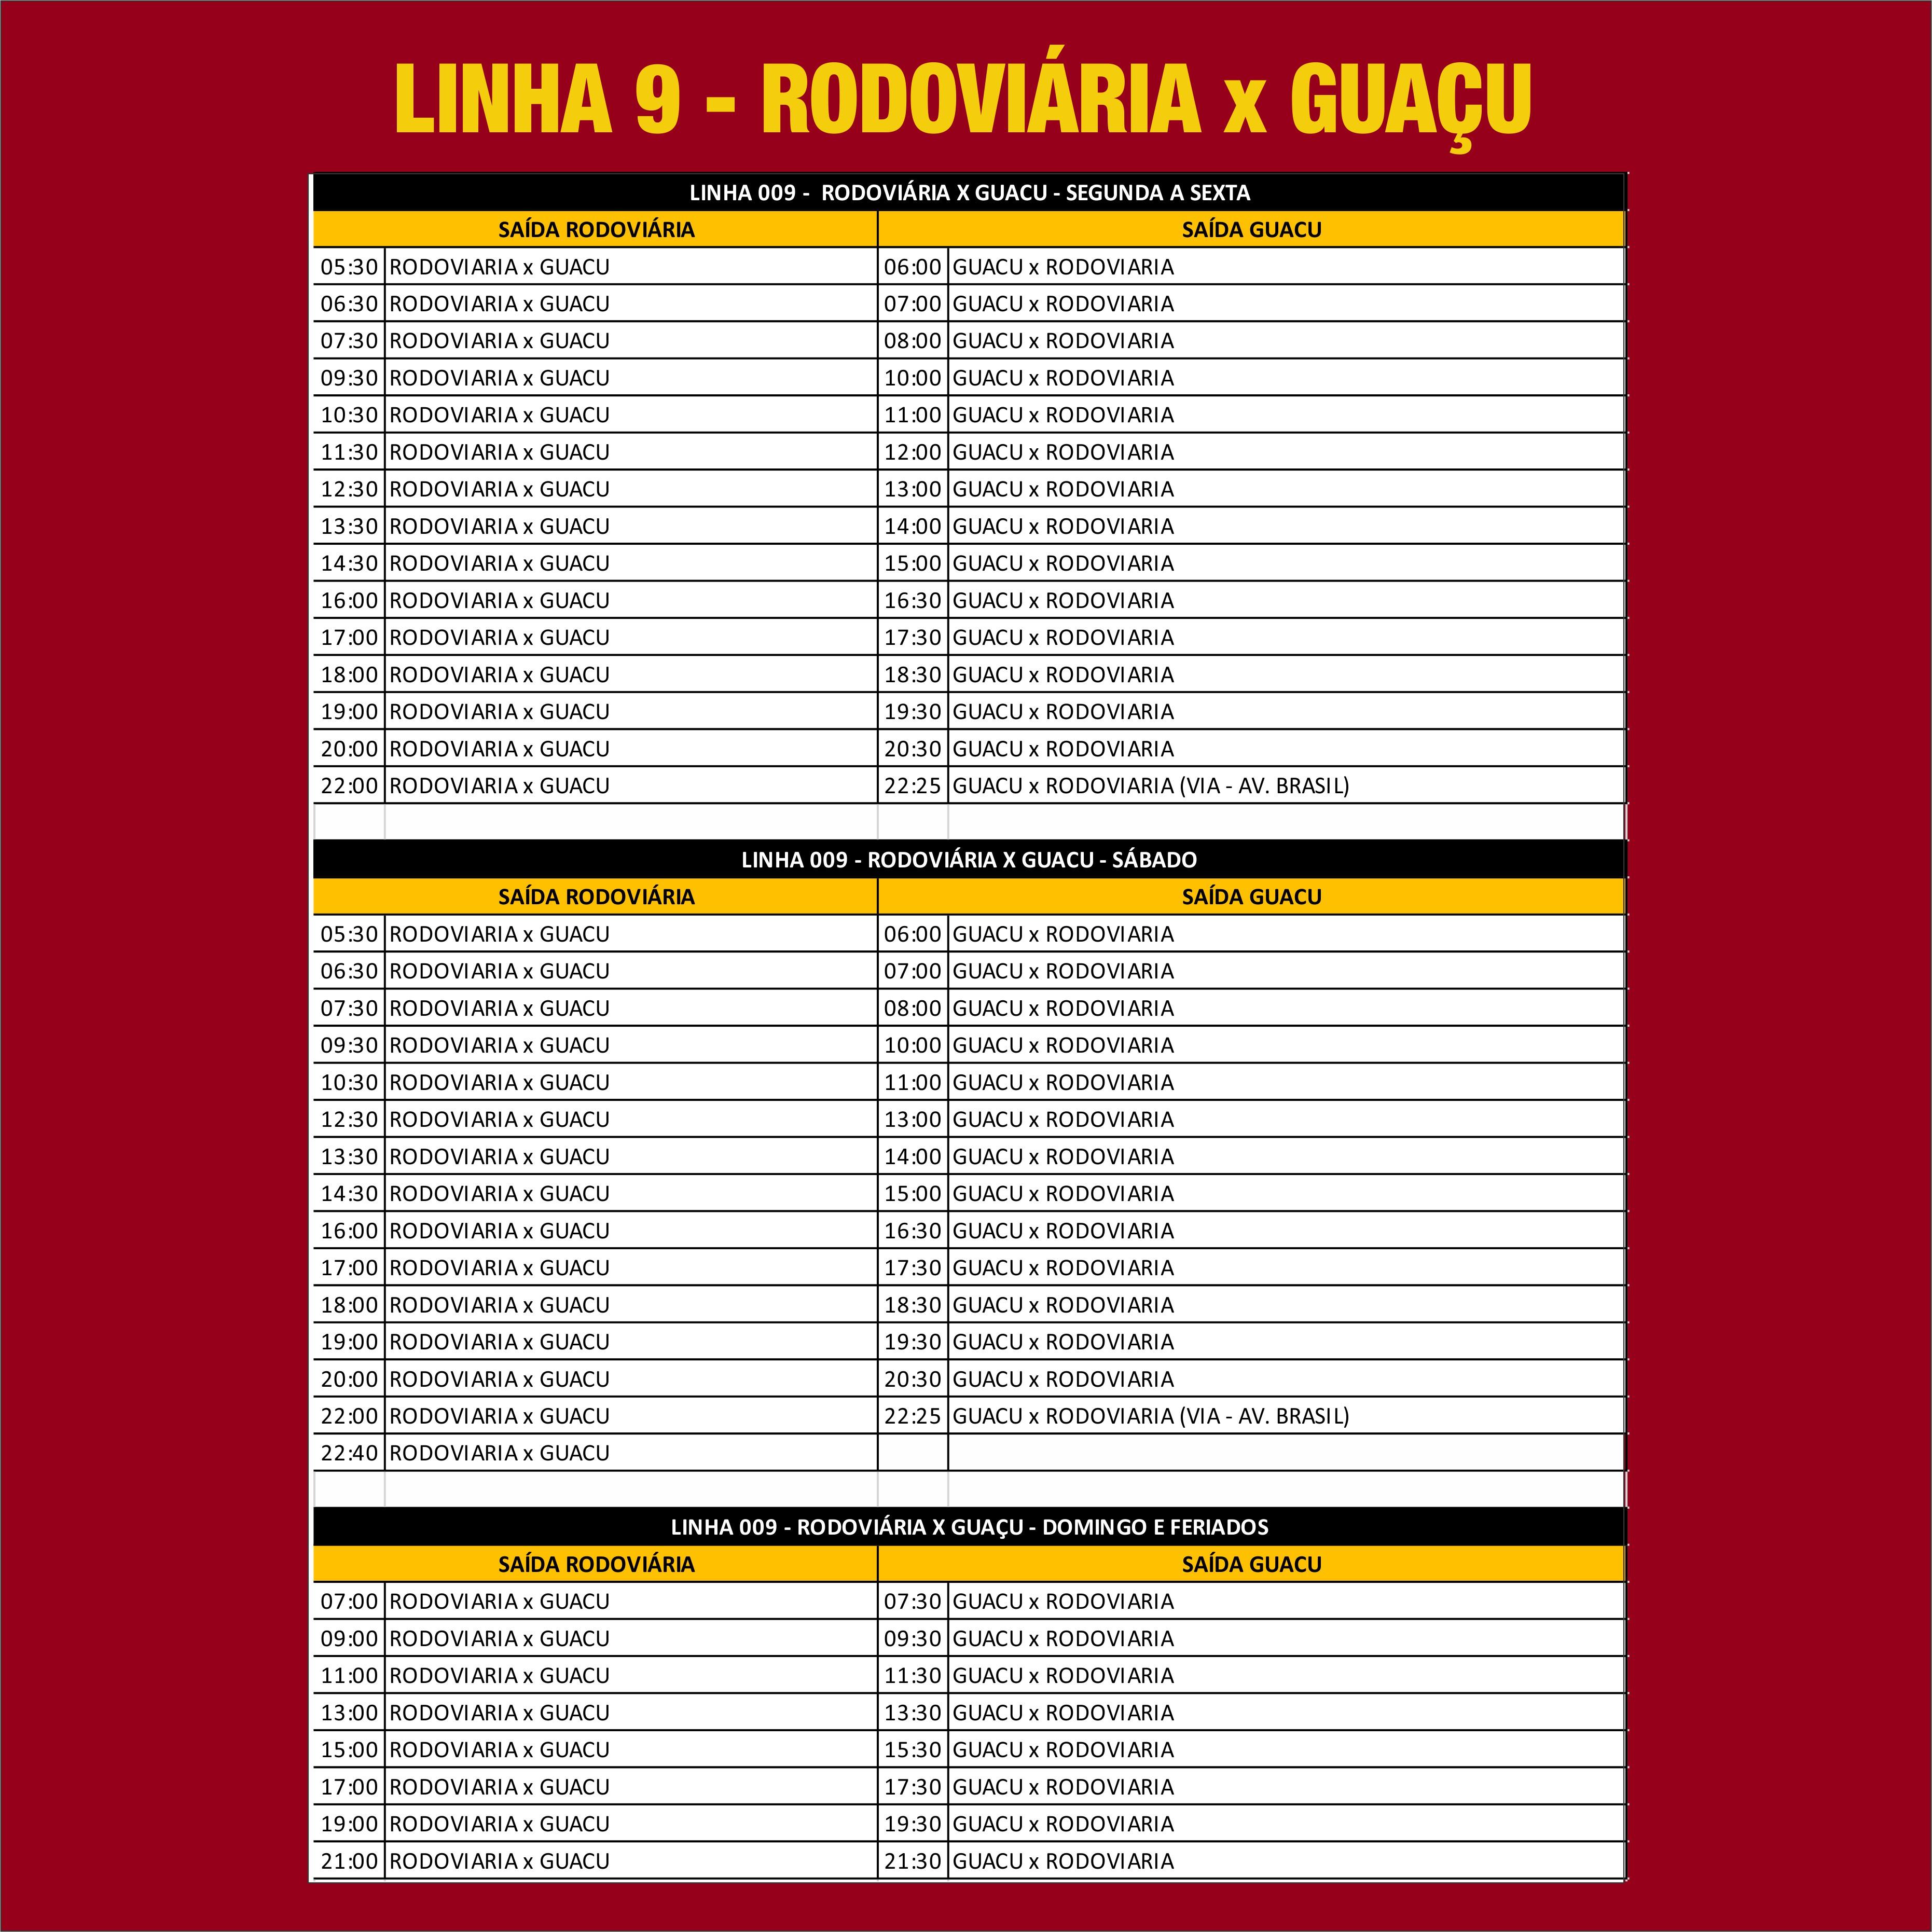 LINHA9